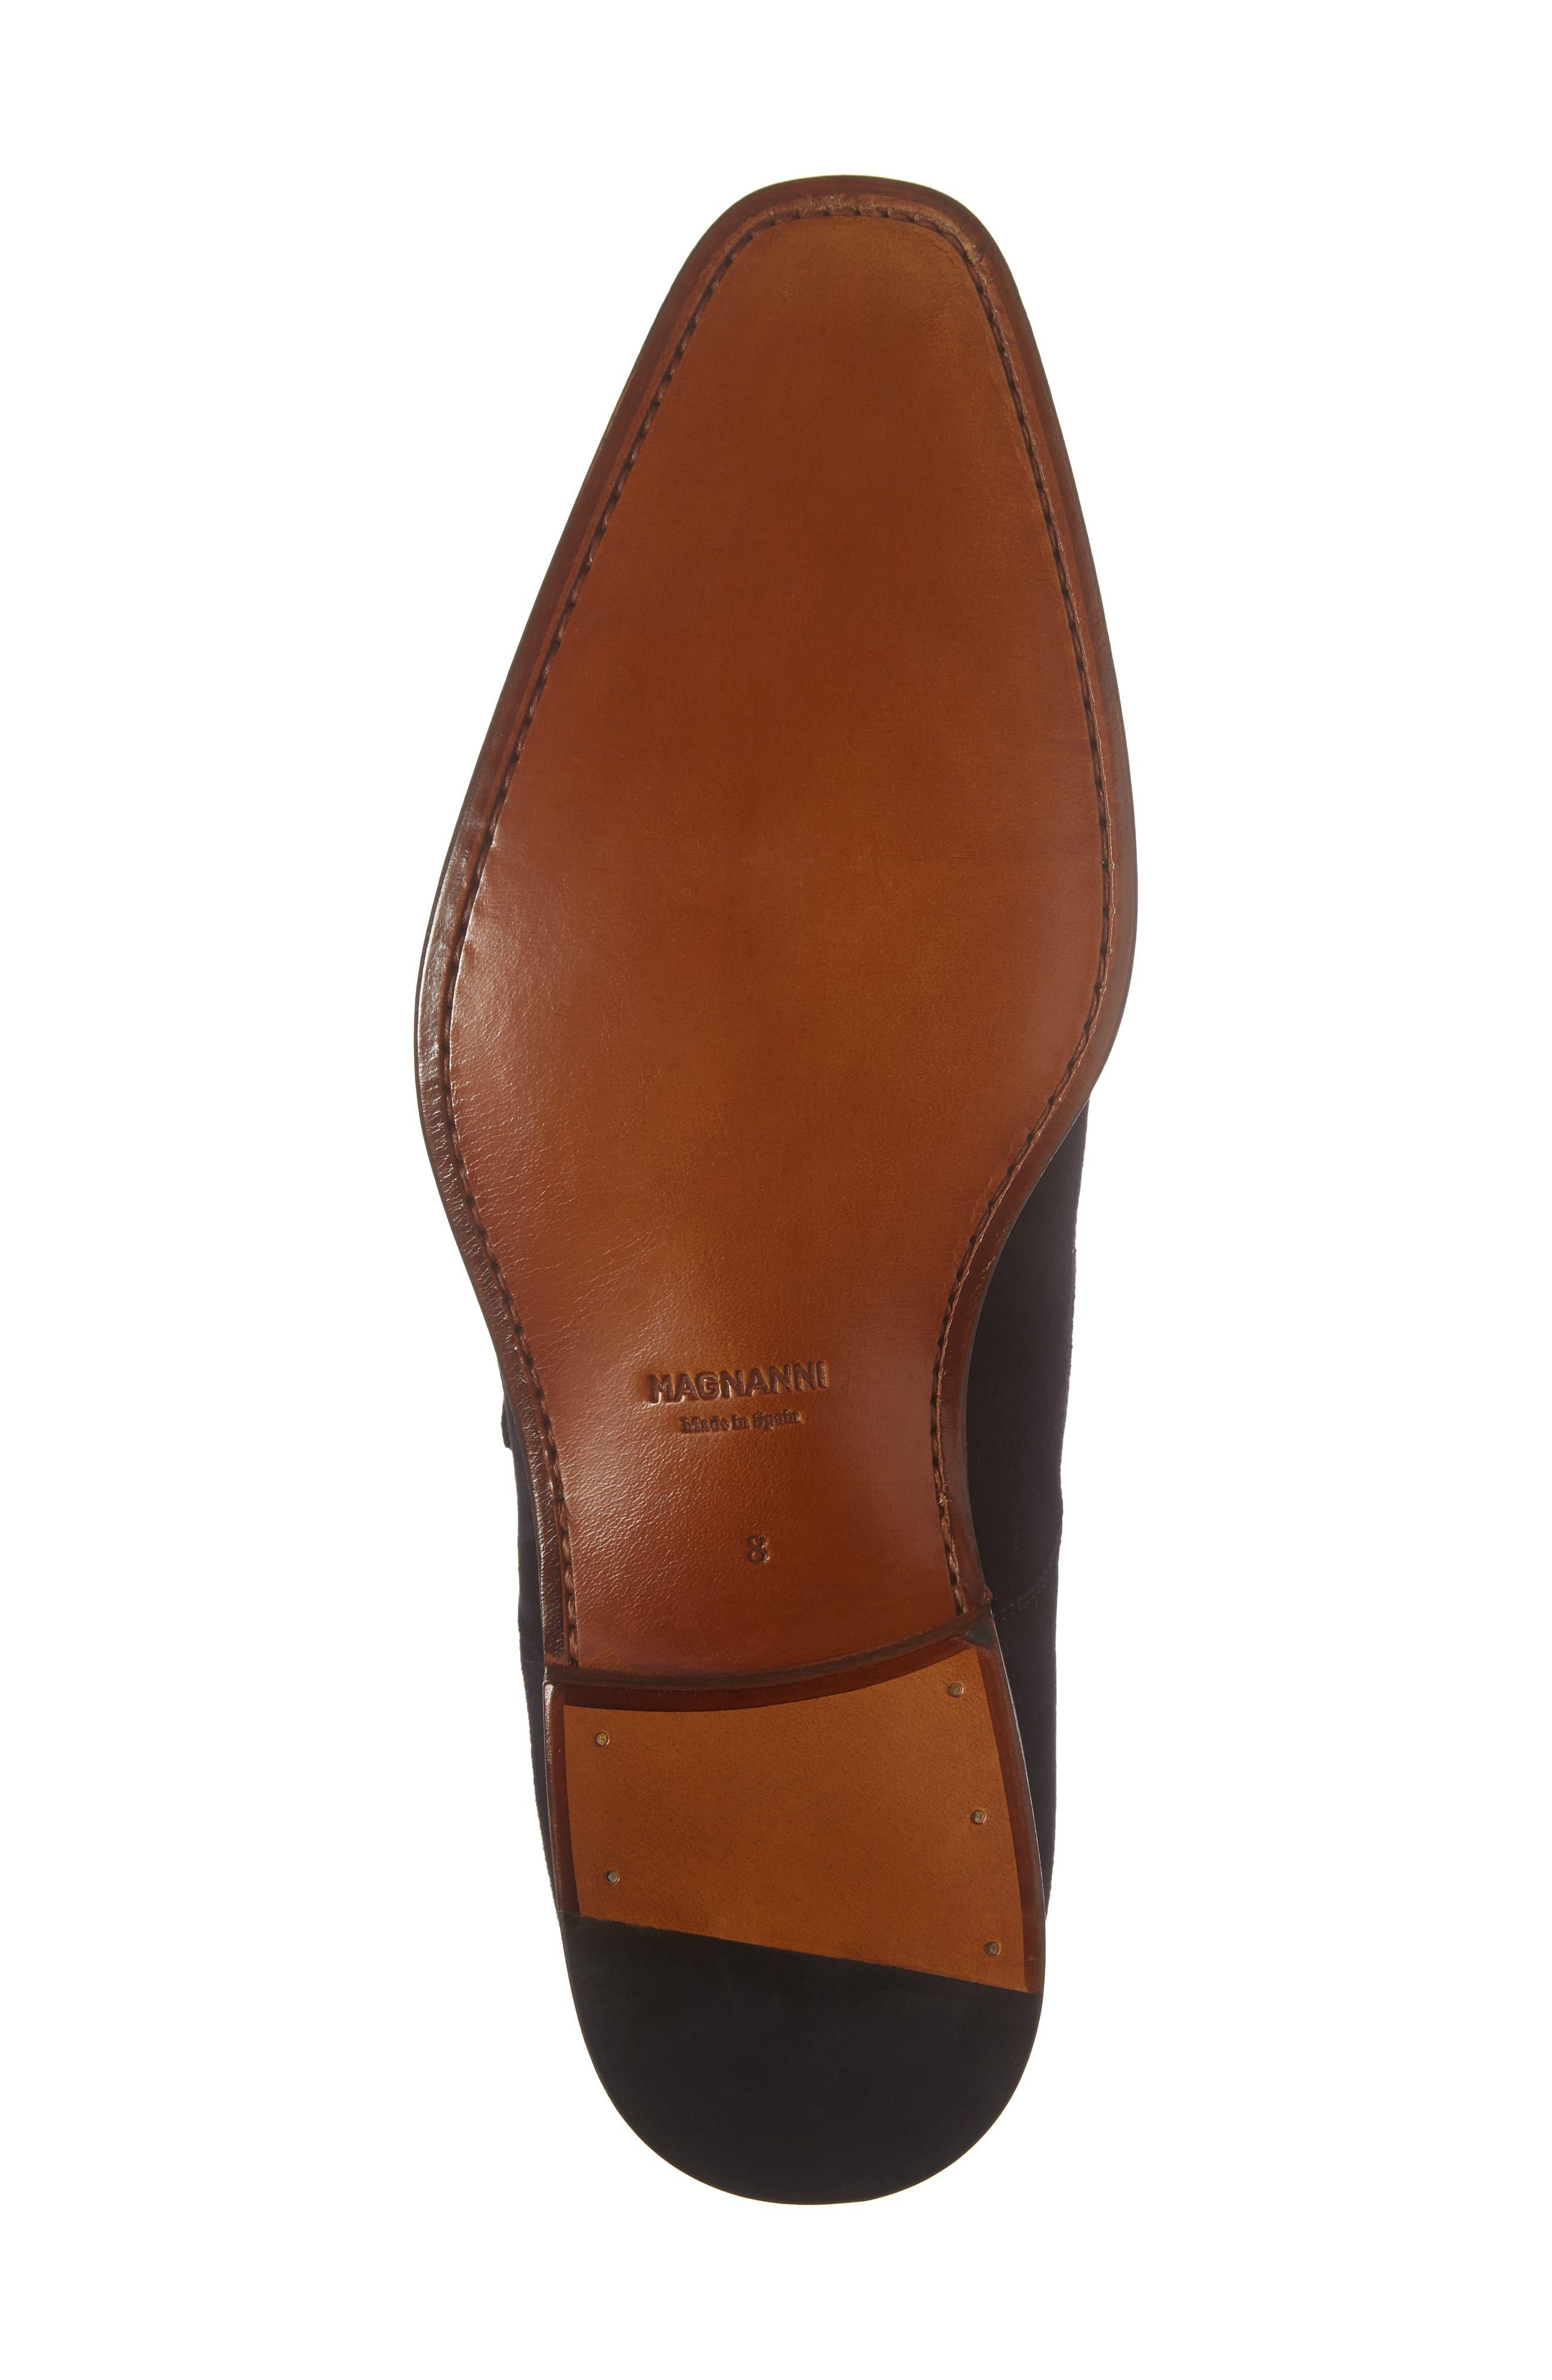 Enrique Monk Strap Shoe,                             Alternate thumbnail 6, color,                             Navy Suede